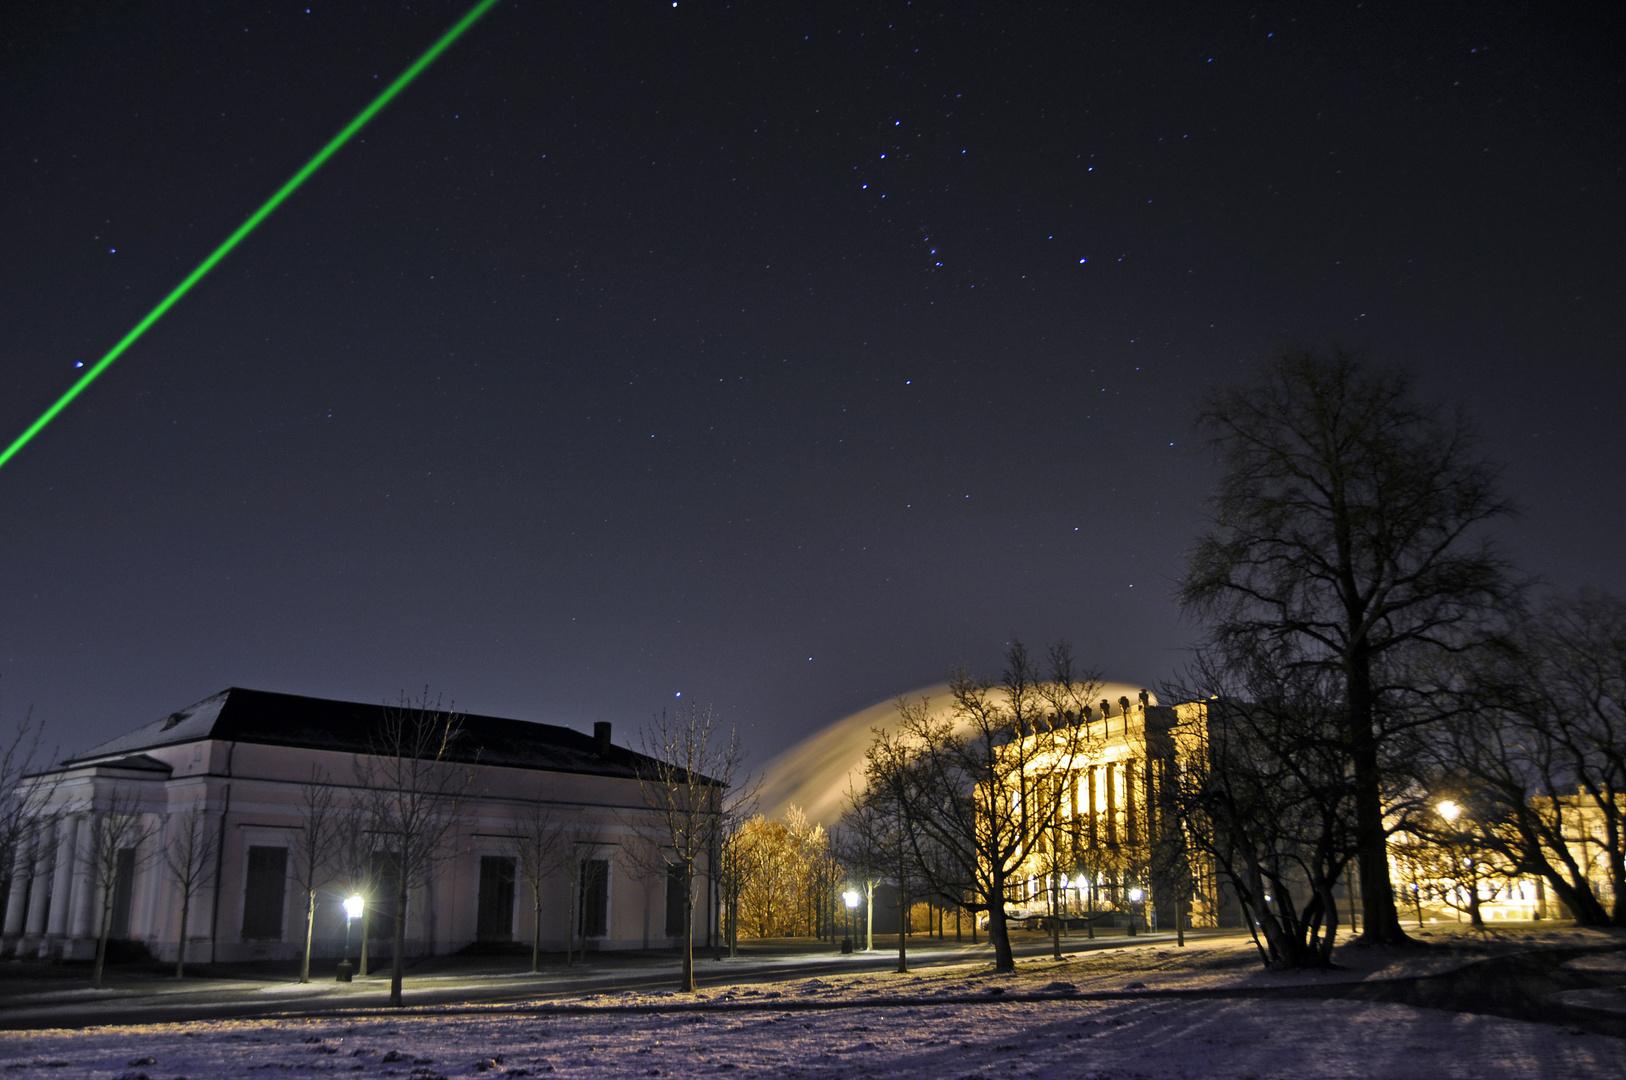 Bilder einer Stadt - Kassel bei Nacht - Wilhelmshöhe Ballhaus und Schloss